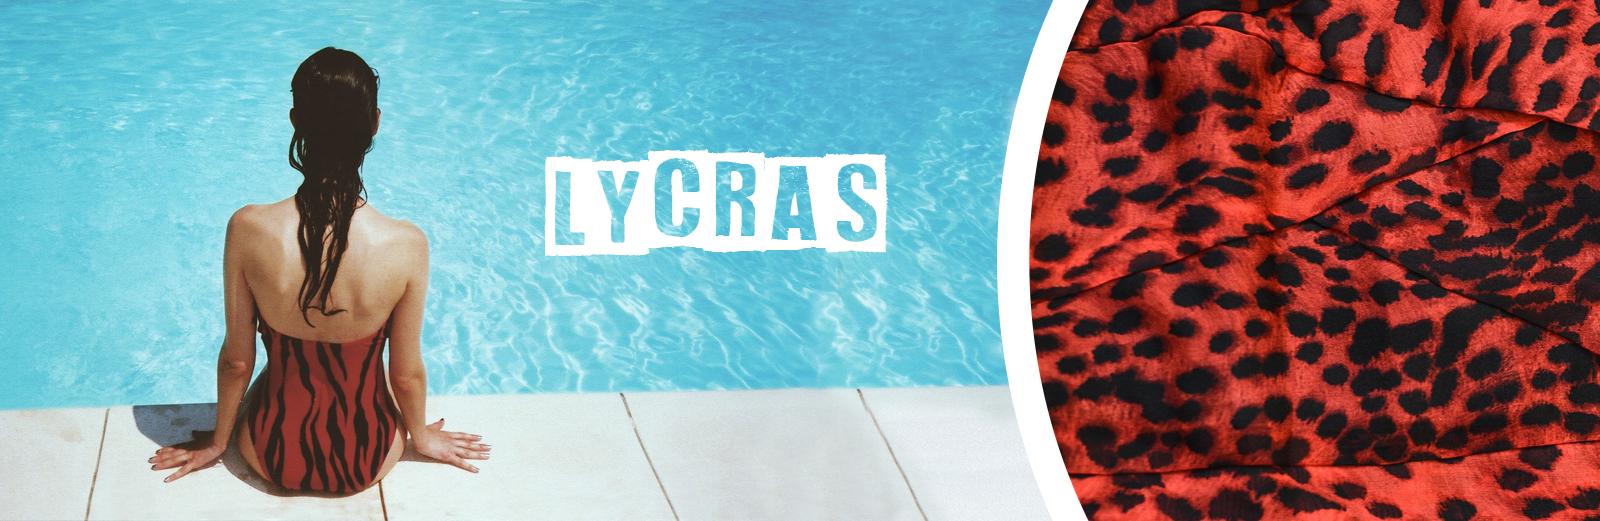 Lycras